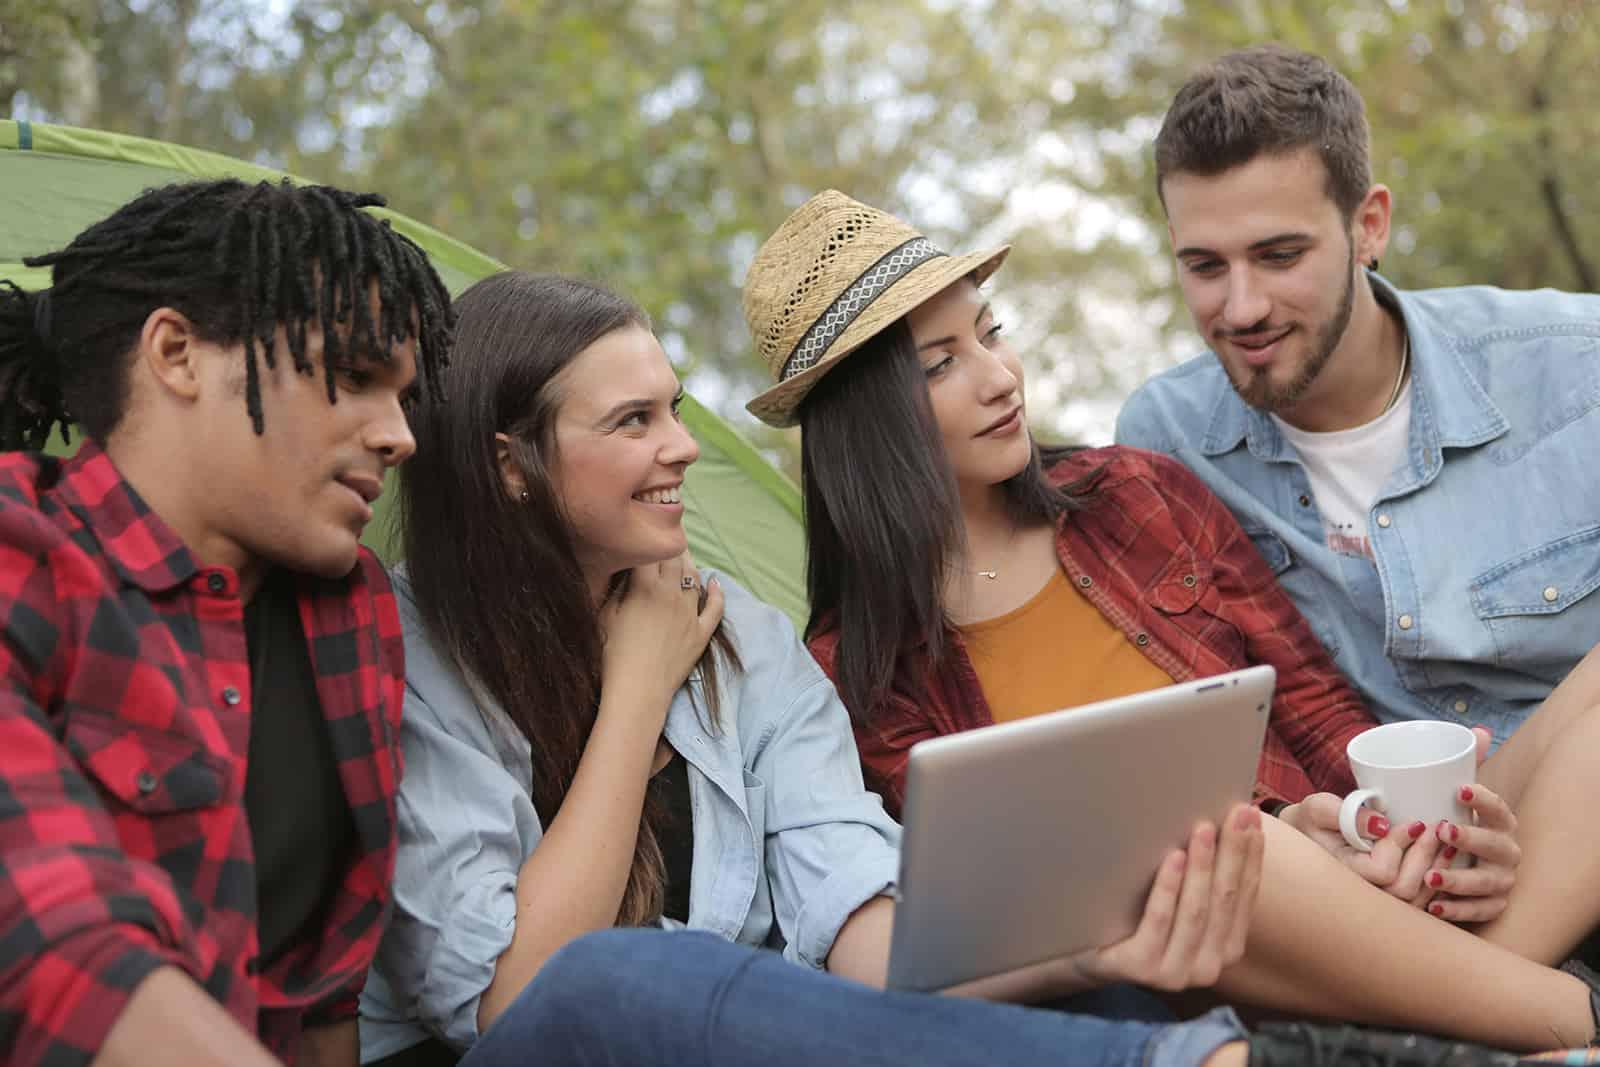 un groupe d'amis assis dans la nature et utilisant une tablette